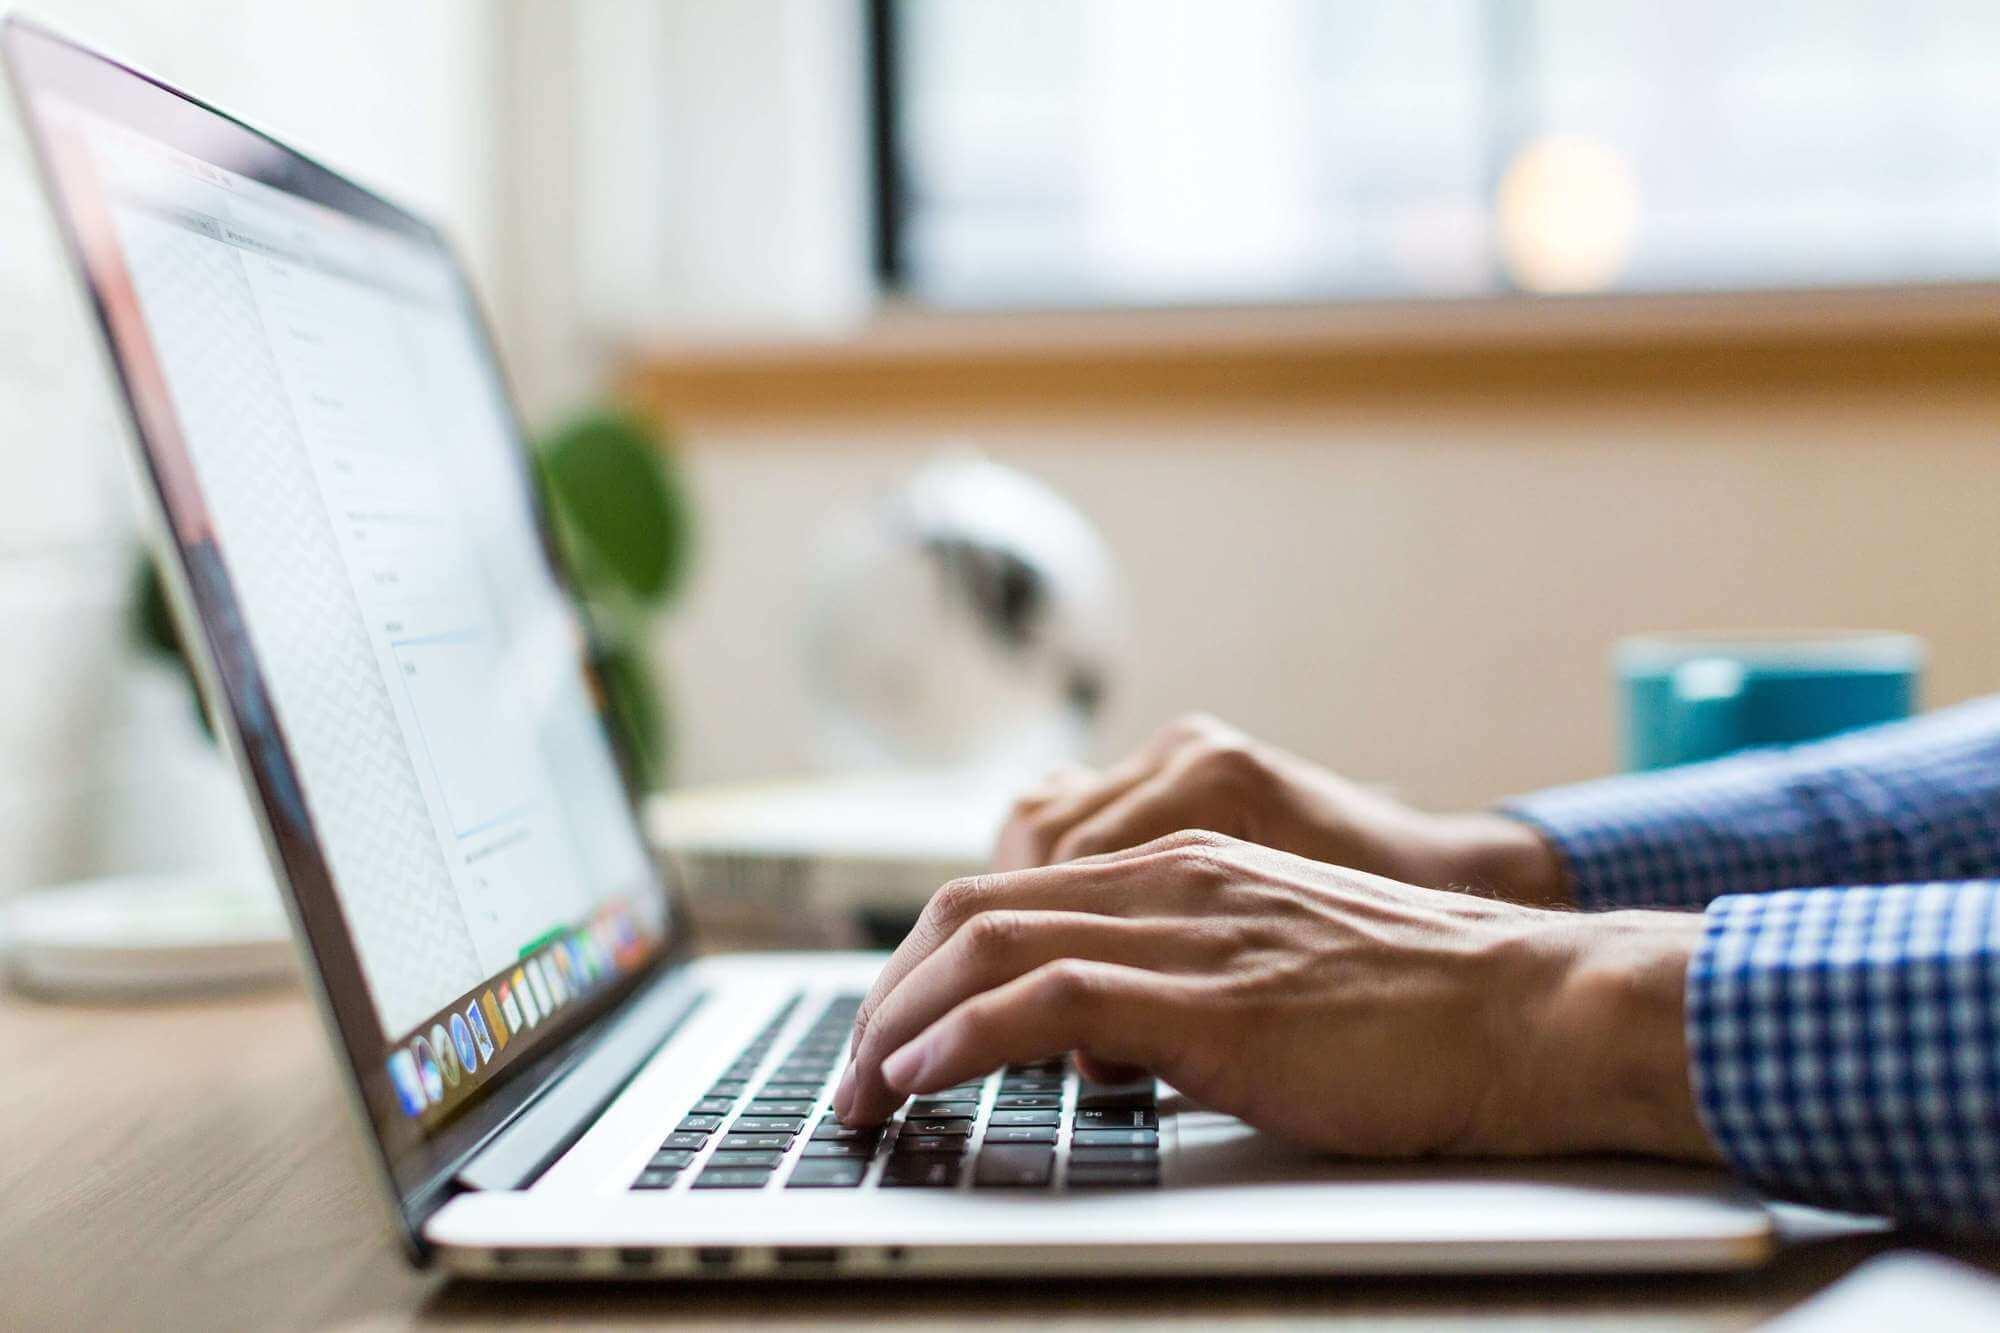 Relatórios gerenciais: conheça a importância para a sua gestão